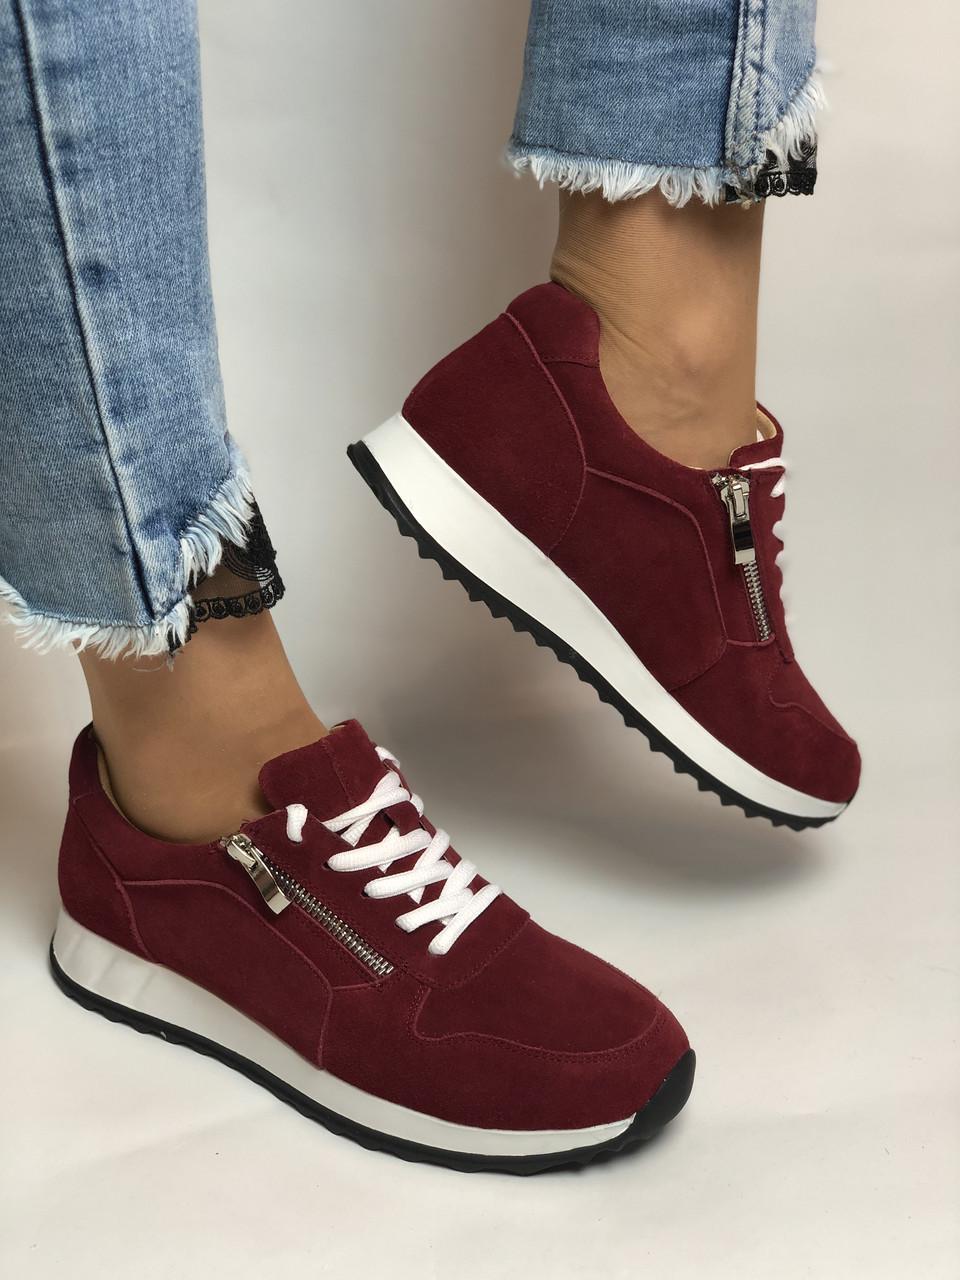 Жіночі кеди - кросівки. Натуральна замша. Розмір 37,38,39